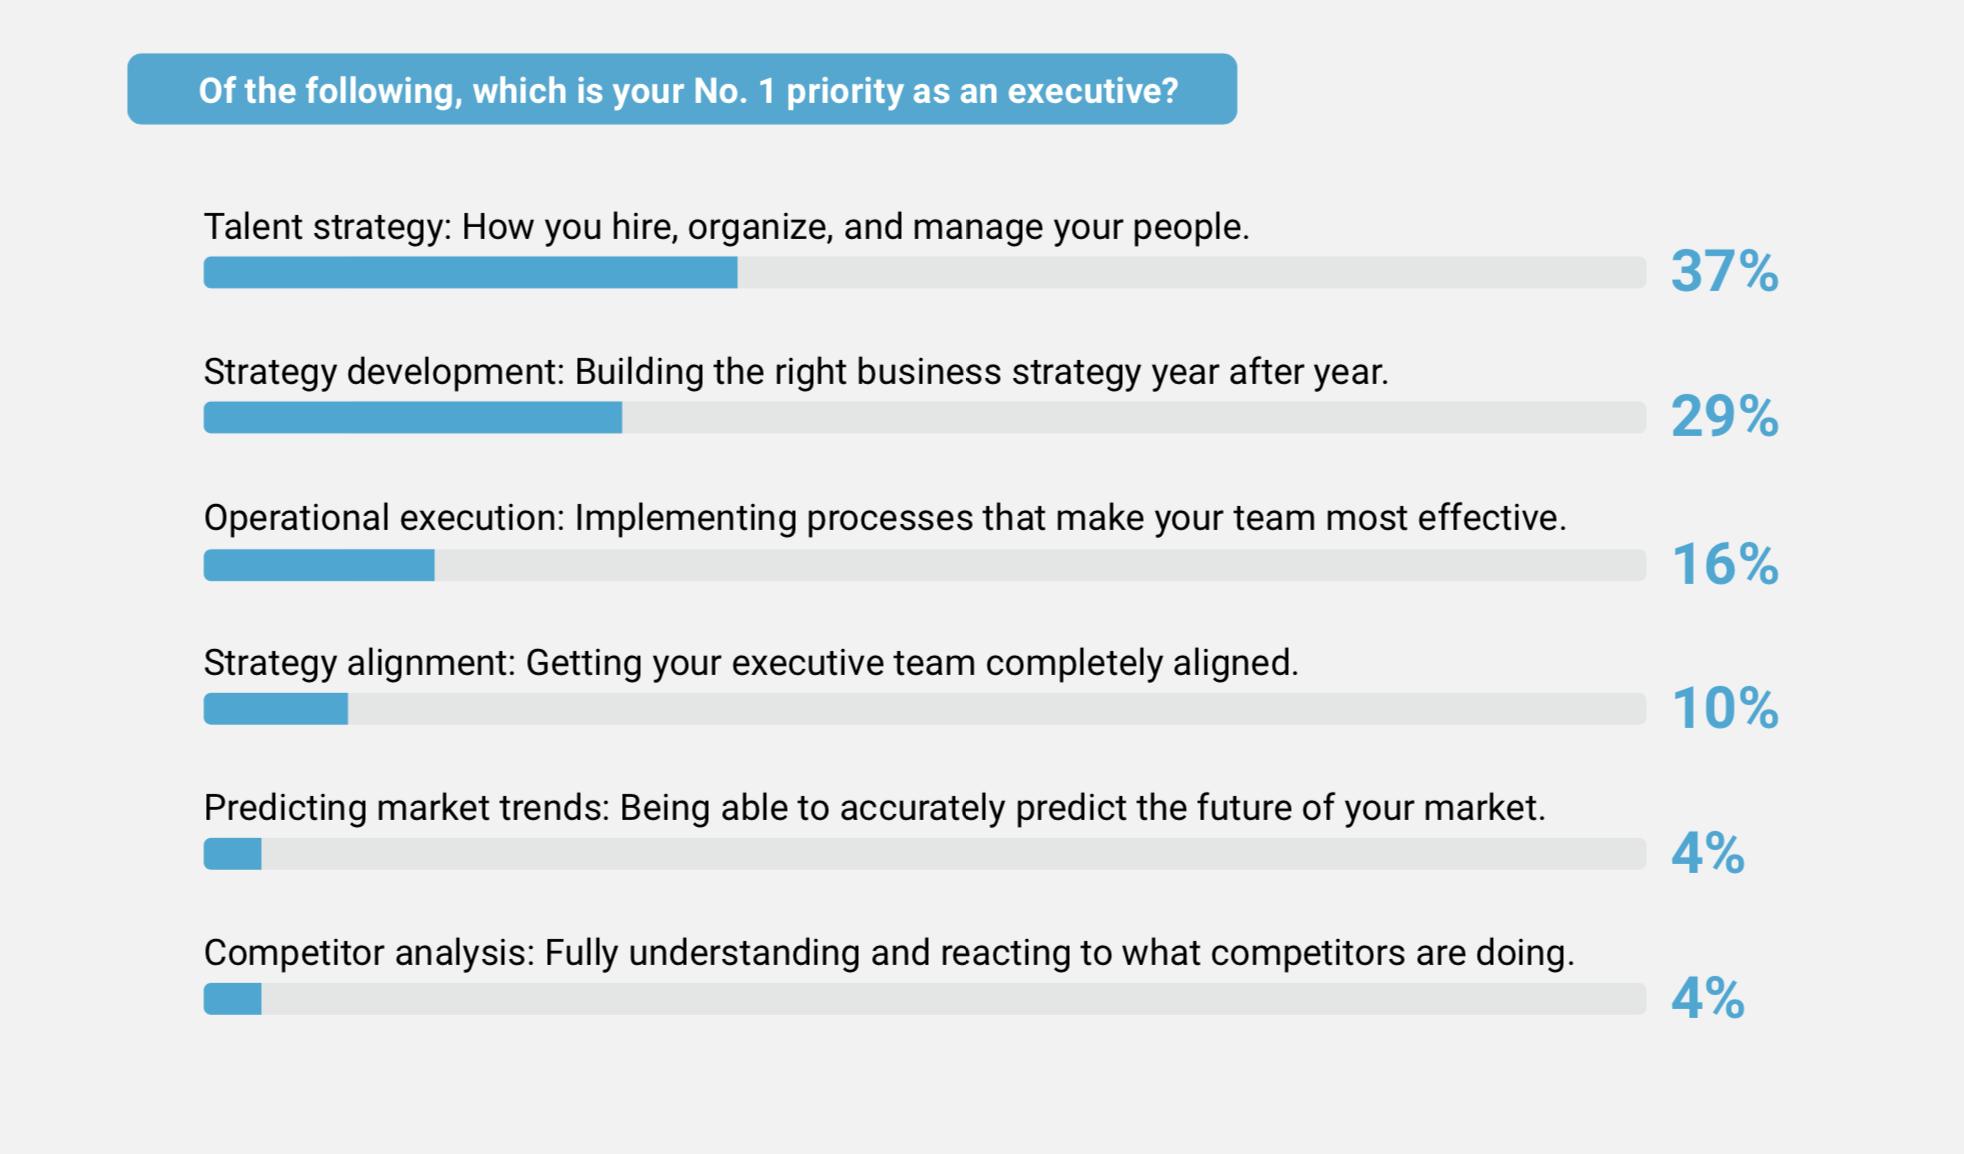 37% of execs say talent strategy is execs' No. 1 priority